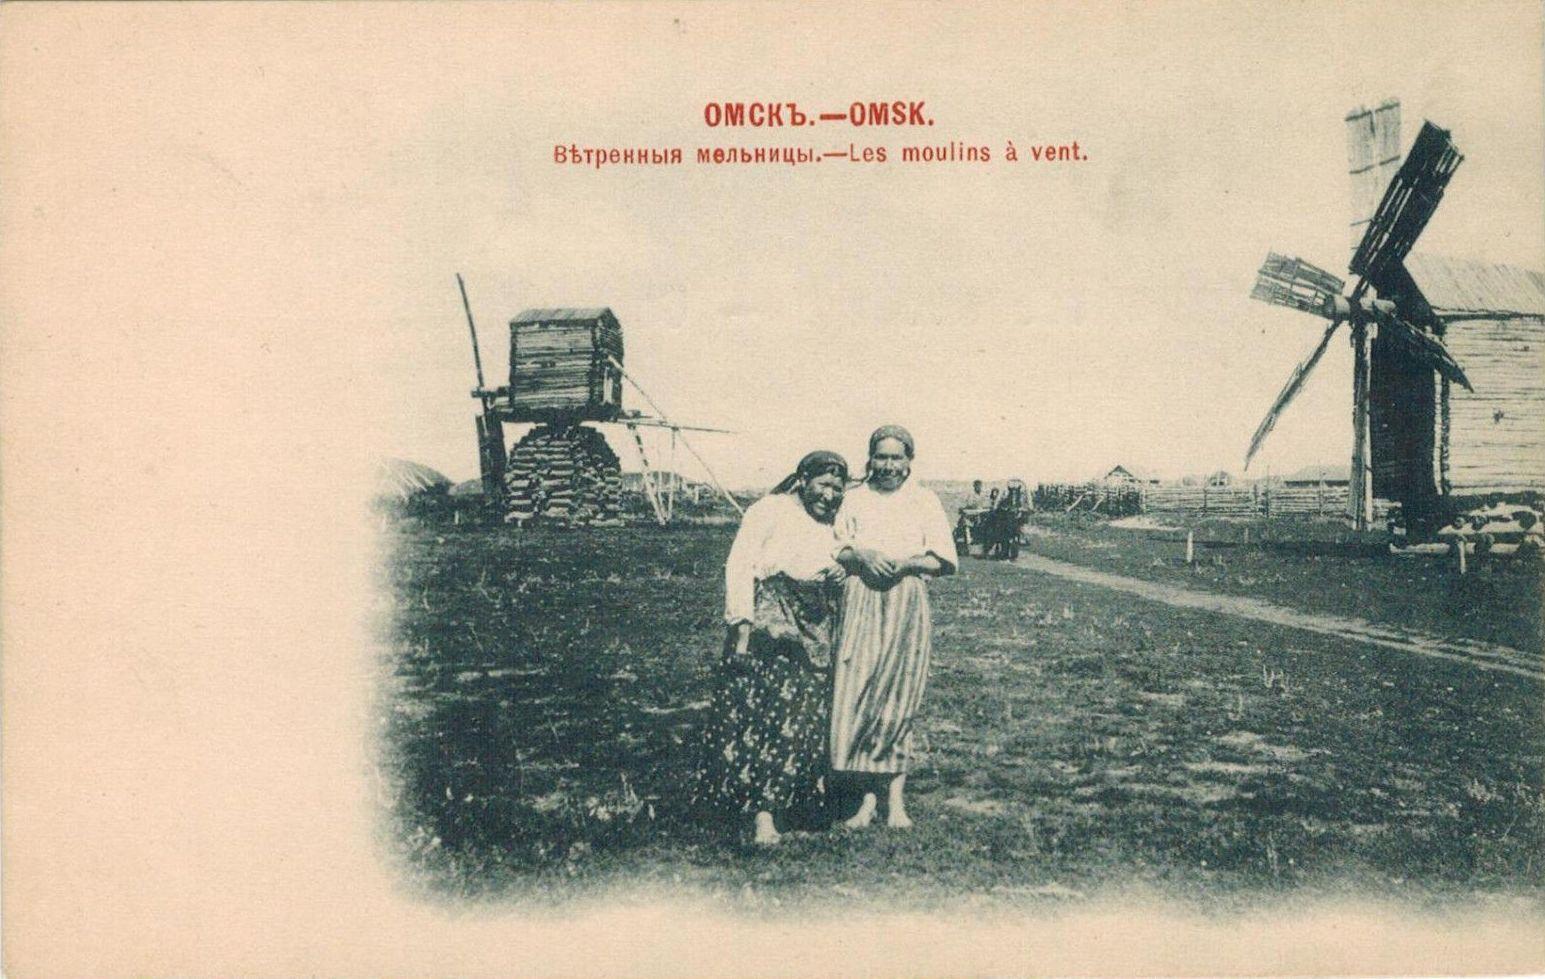 Окрестности Омска. Ветренные мельницы